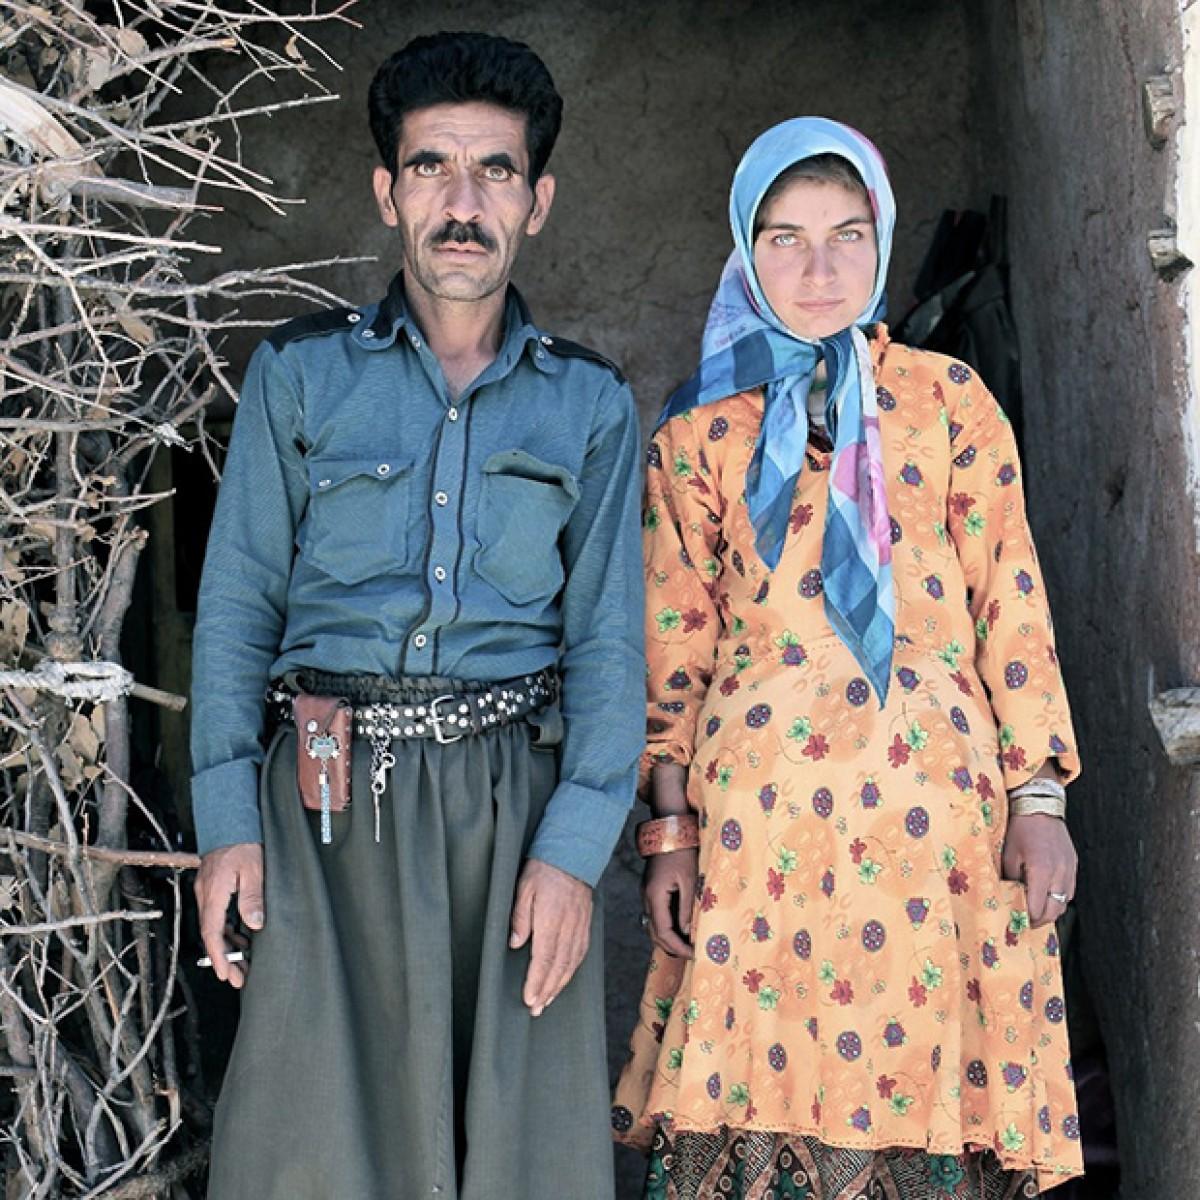 Μπαμπάδες και κόρες του Ιράν πέρα από κάθε στερεότυπο